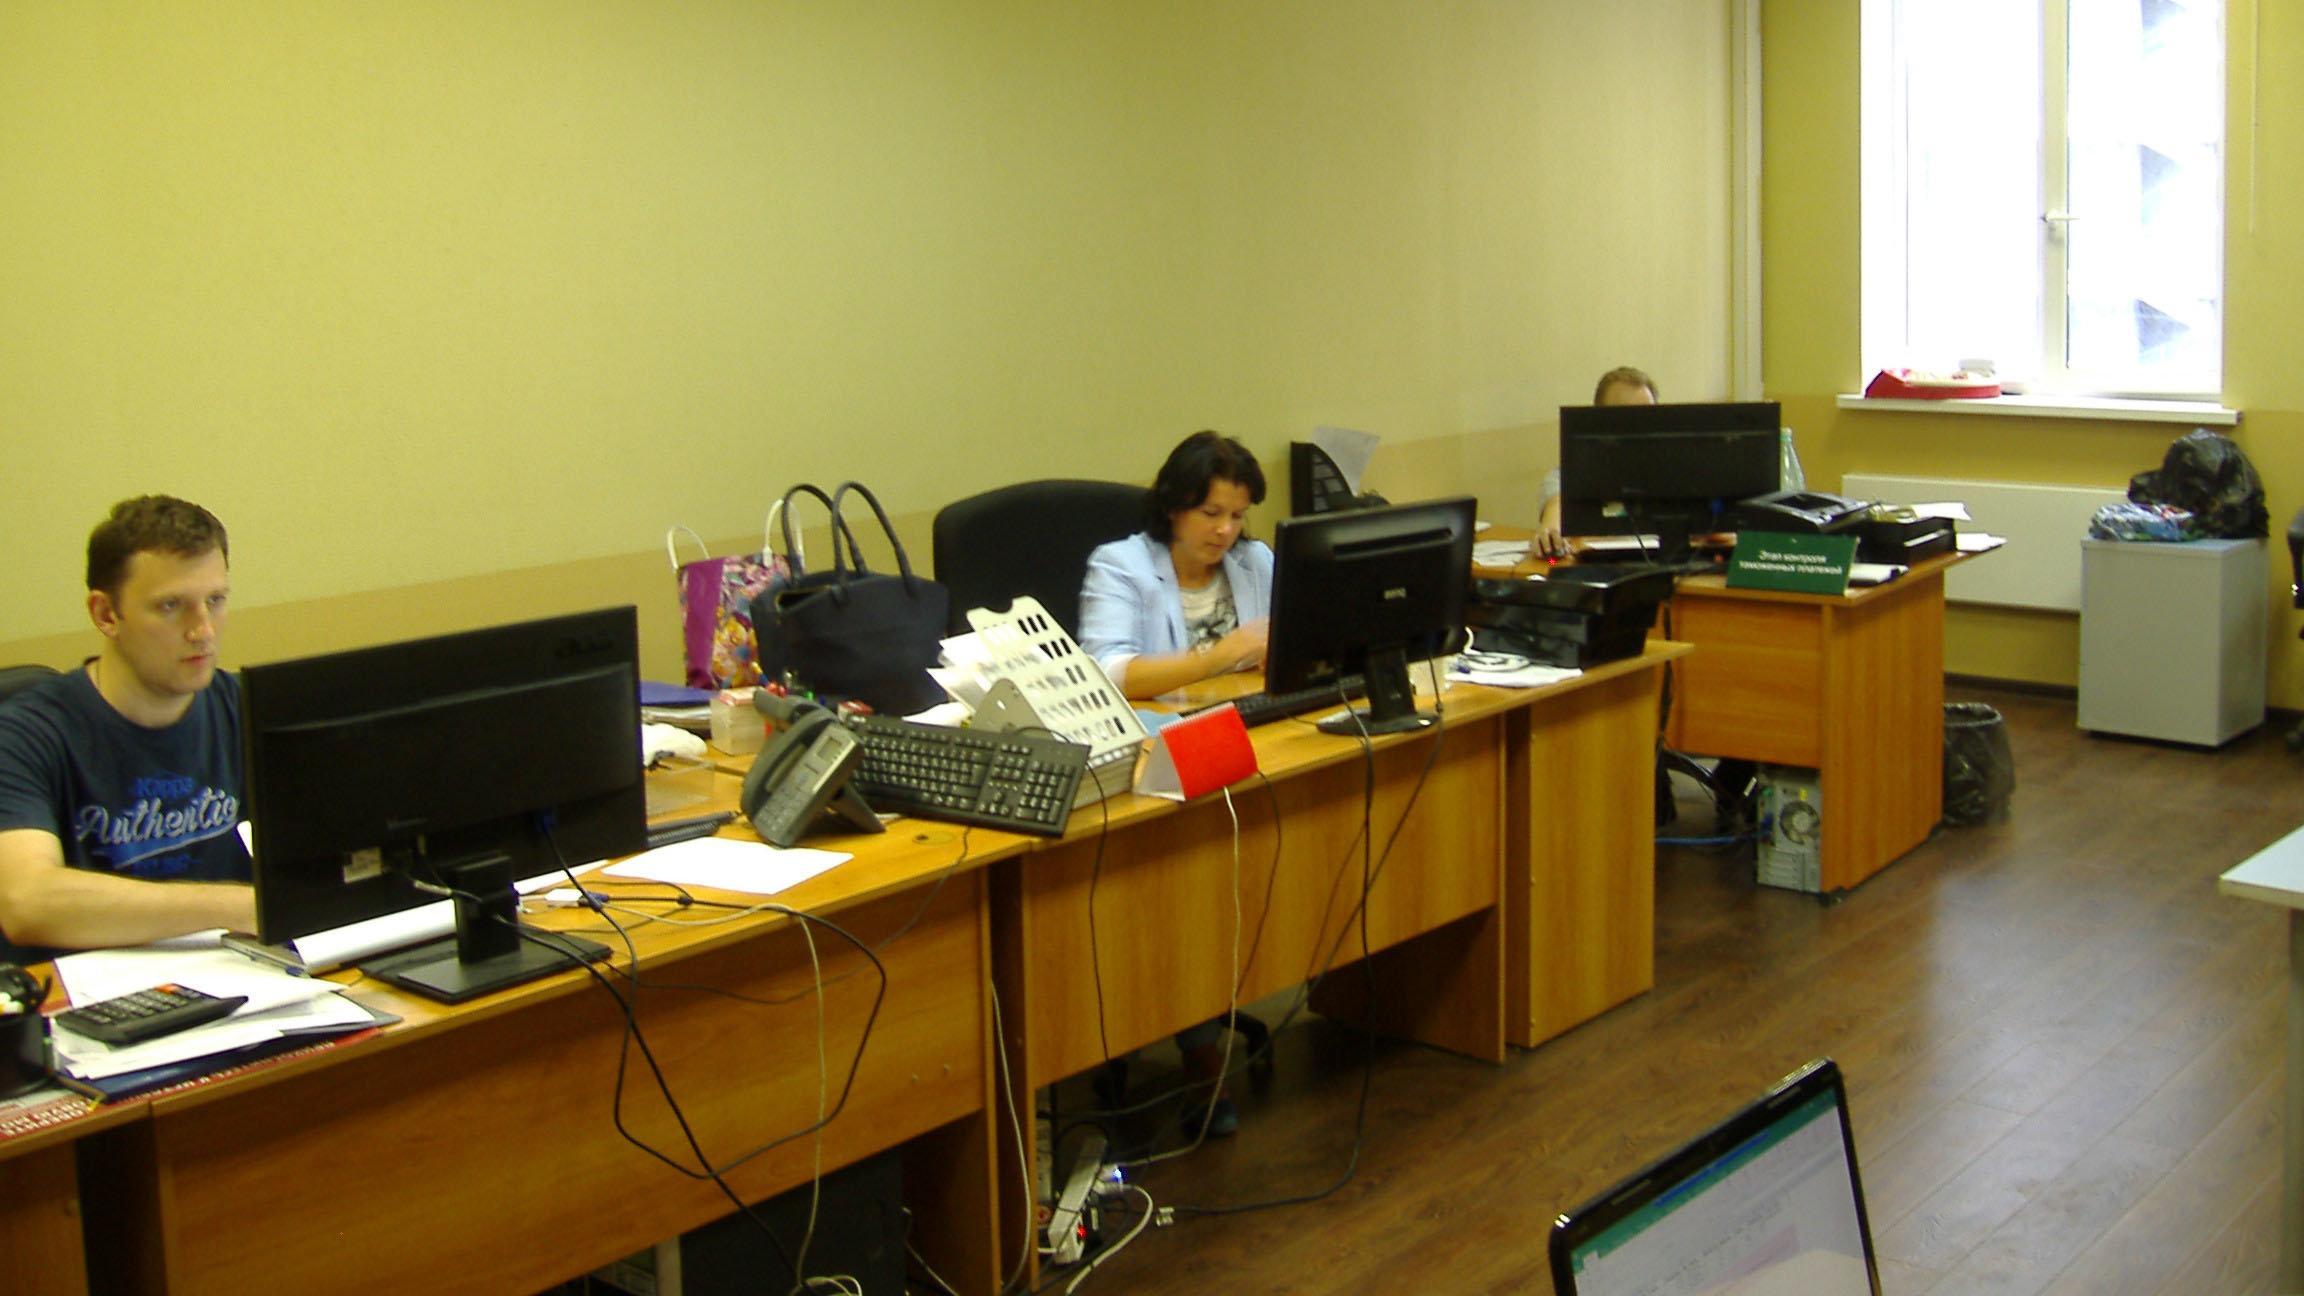 фотография Выездные компьютерные курсы Кандидат в Восточном Дегунино